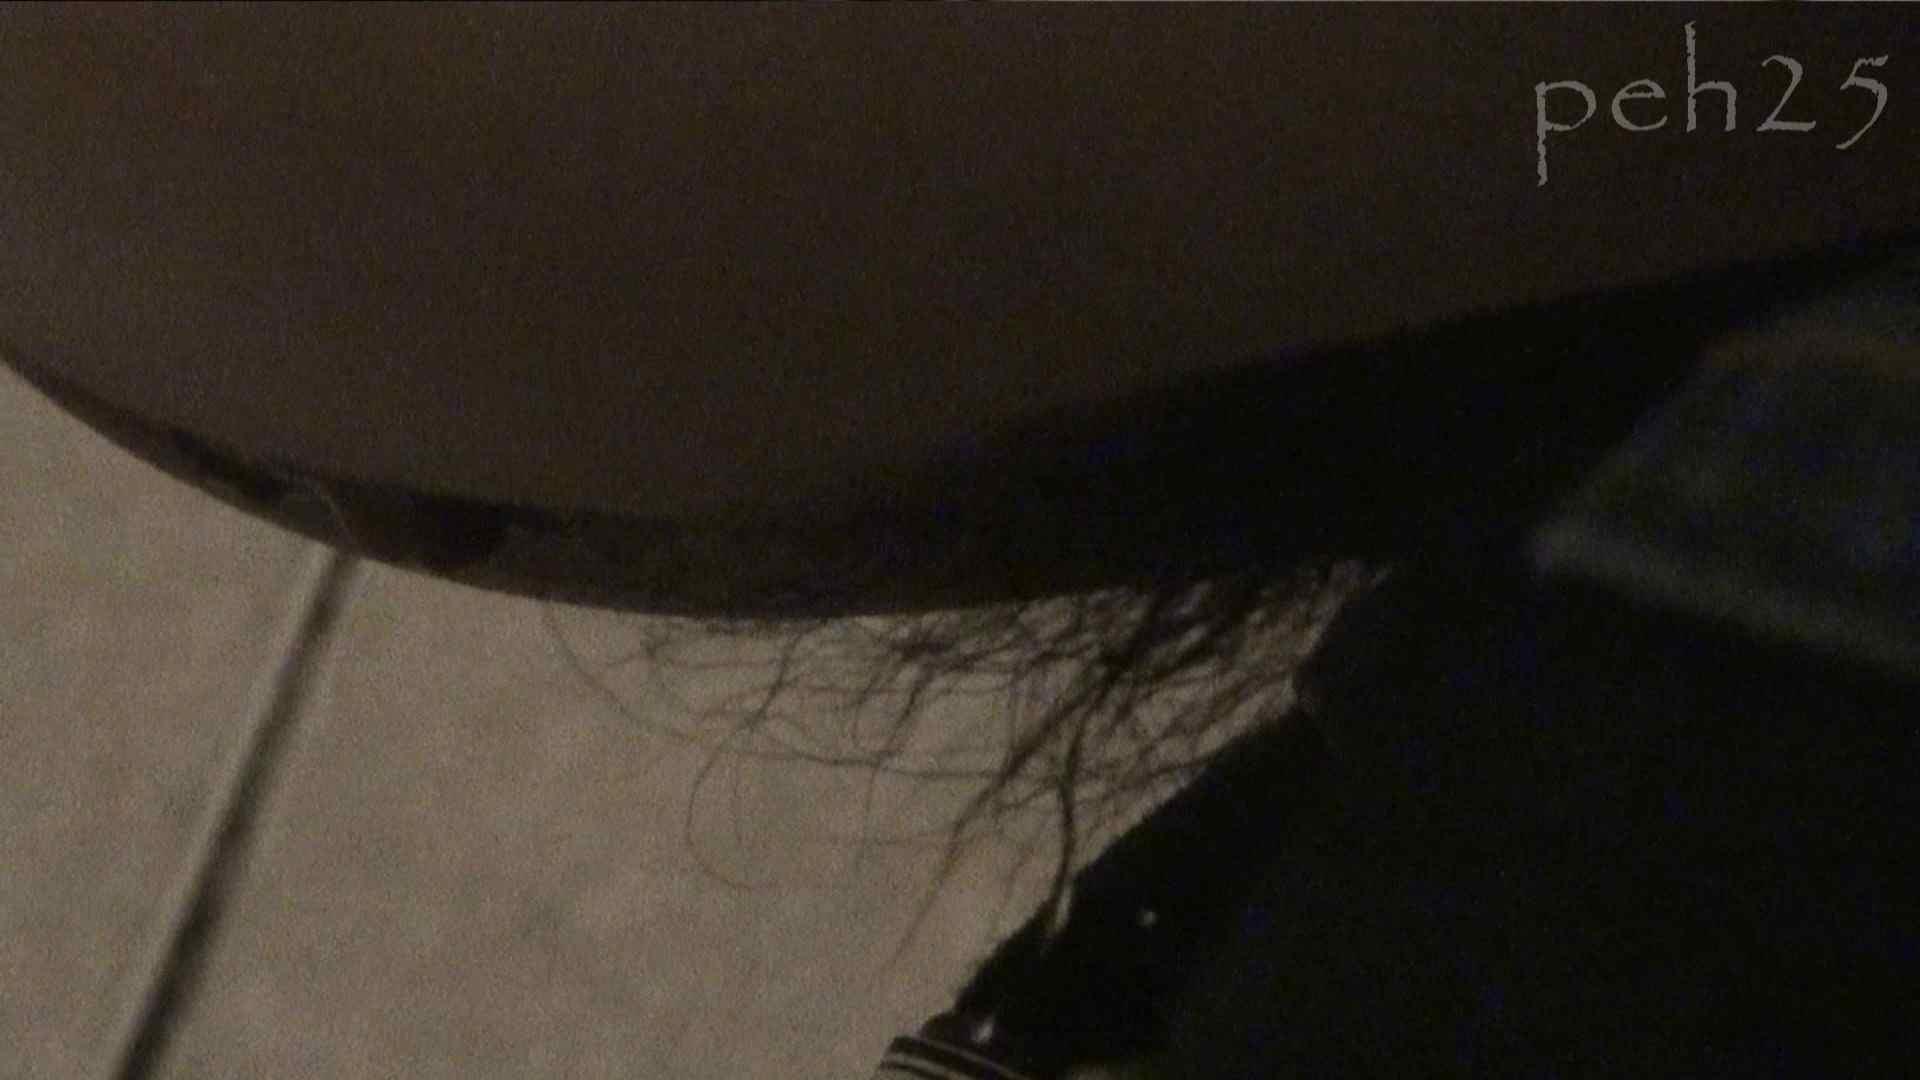 ※100個限定販売 至高下半身盗撮 プレミアム Vol.25 ハイビジョン 丸見え おまんこ無修正動画無料 83画像 15